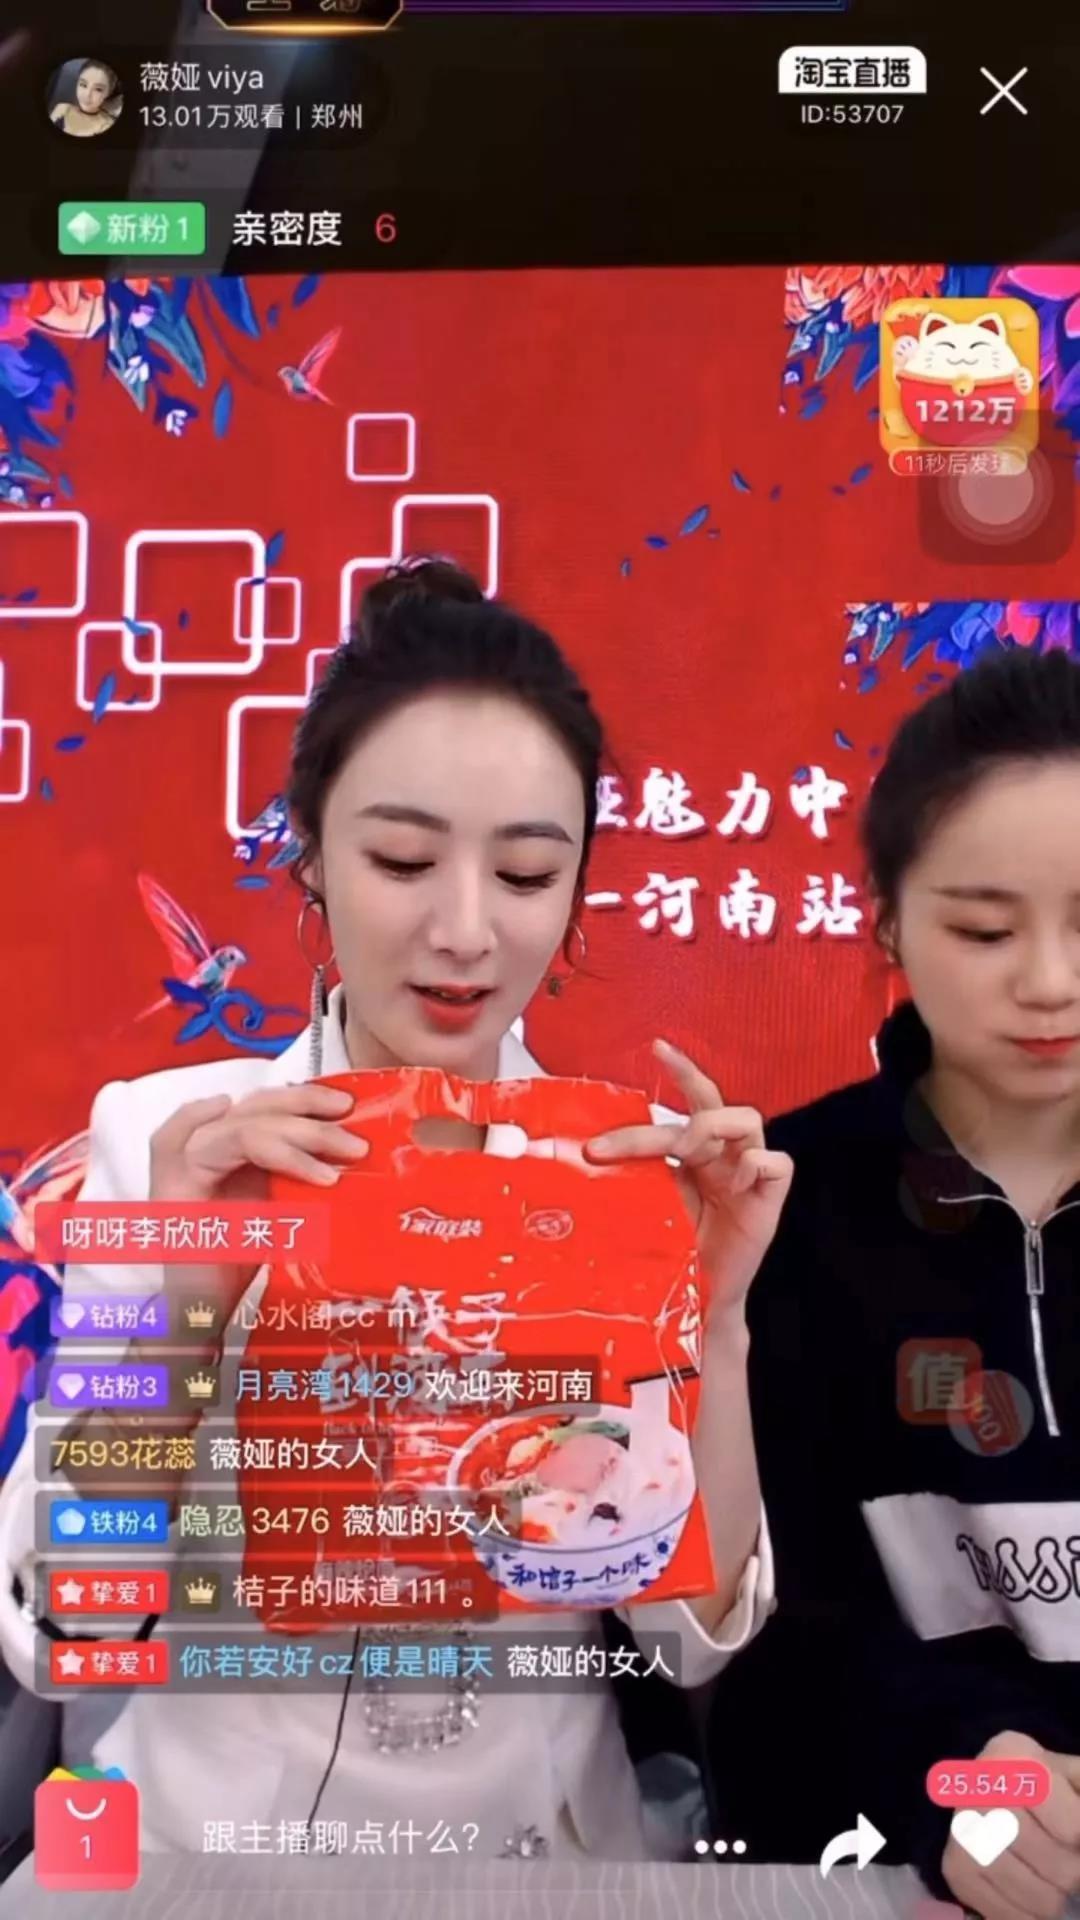 淘宝第一带货主播薇娅空降河南郑州:力推河南美食76人老烩面